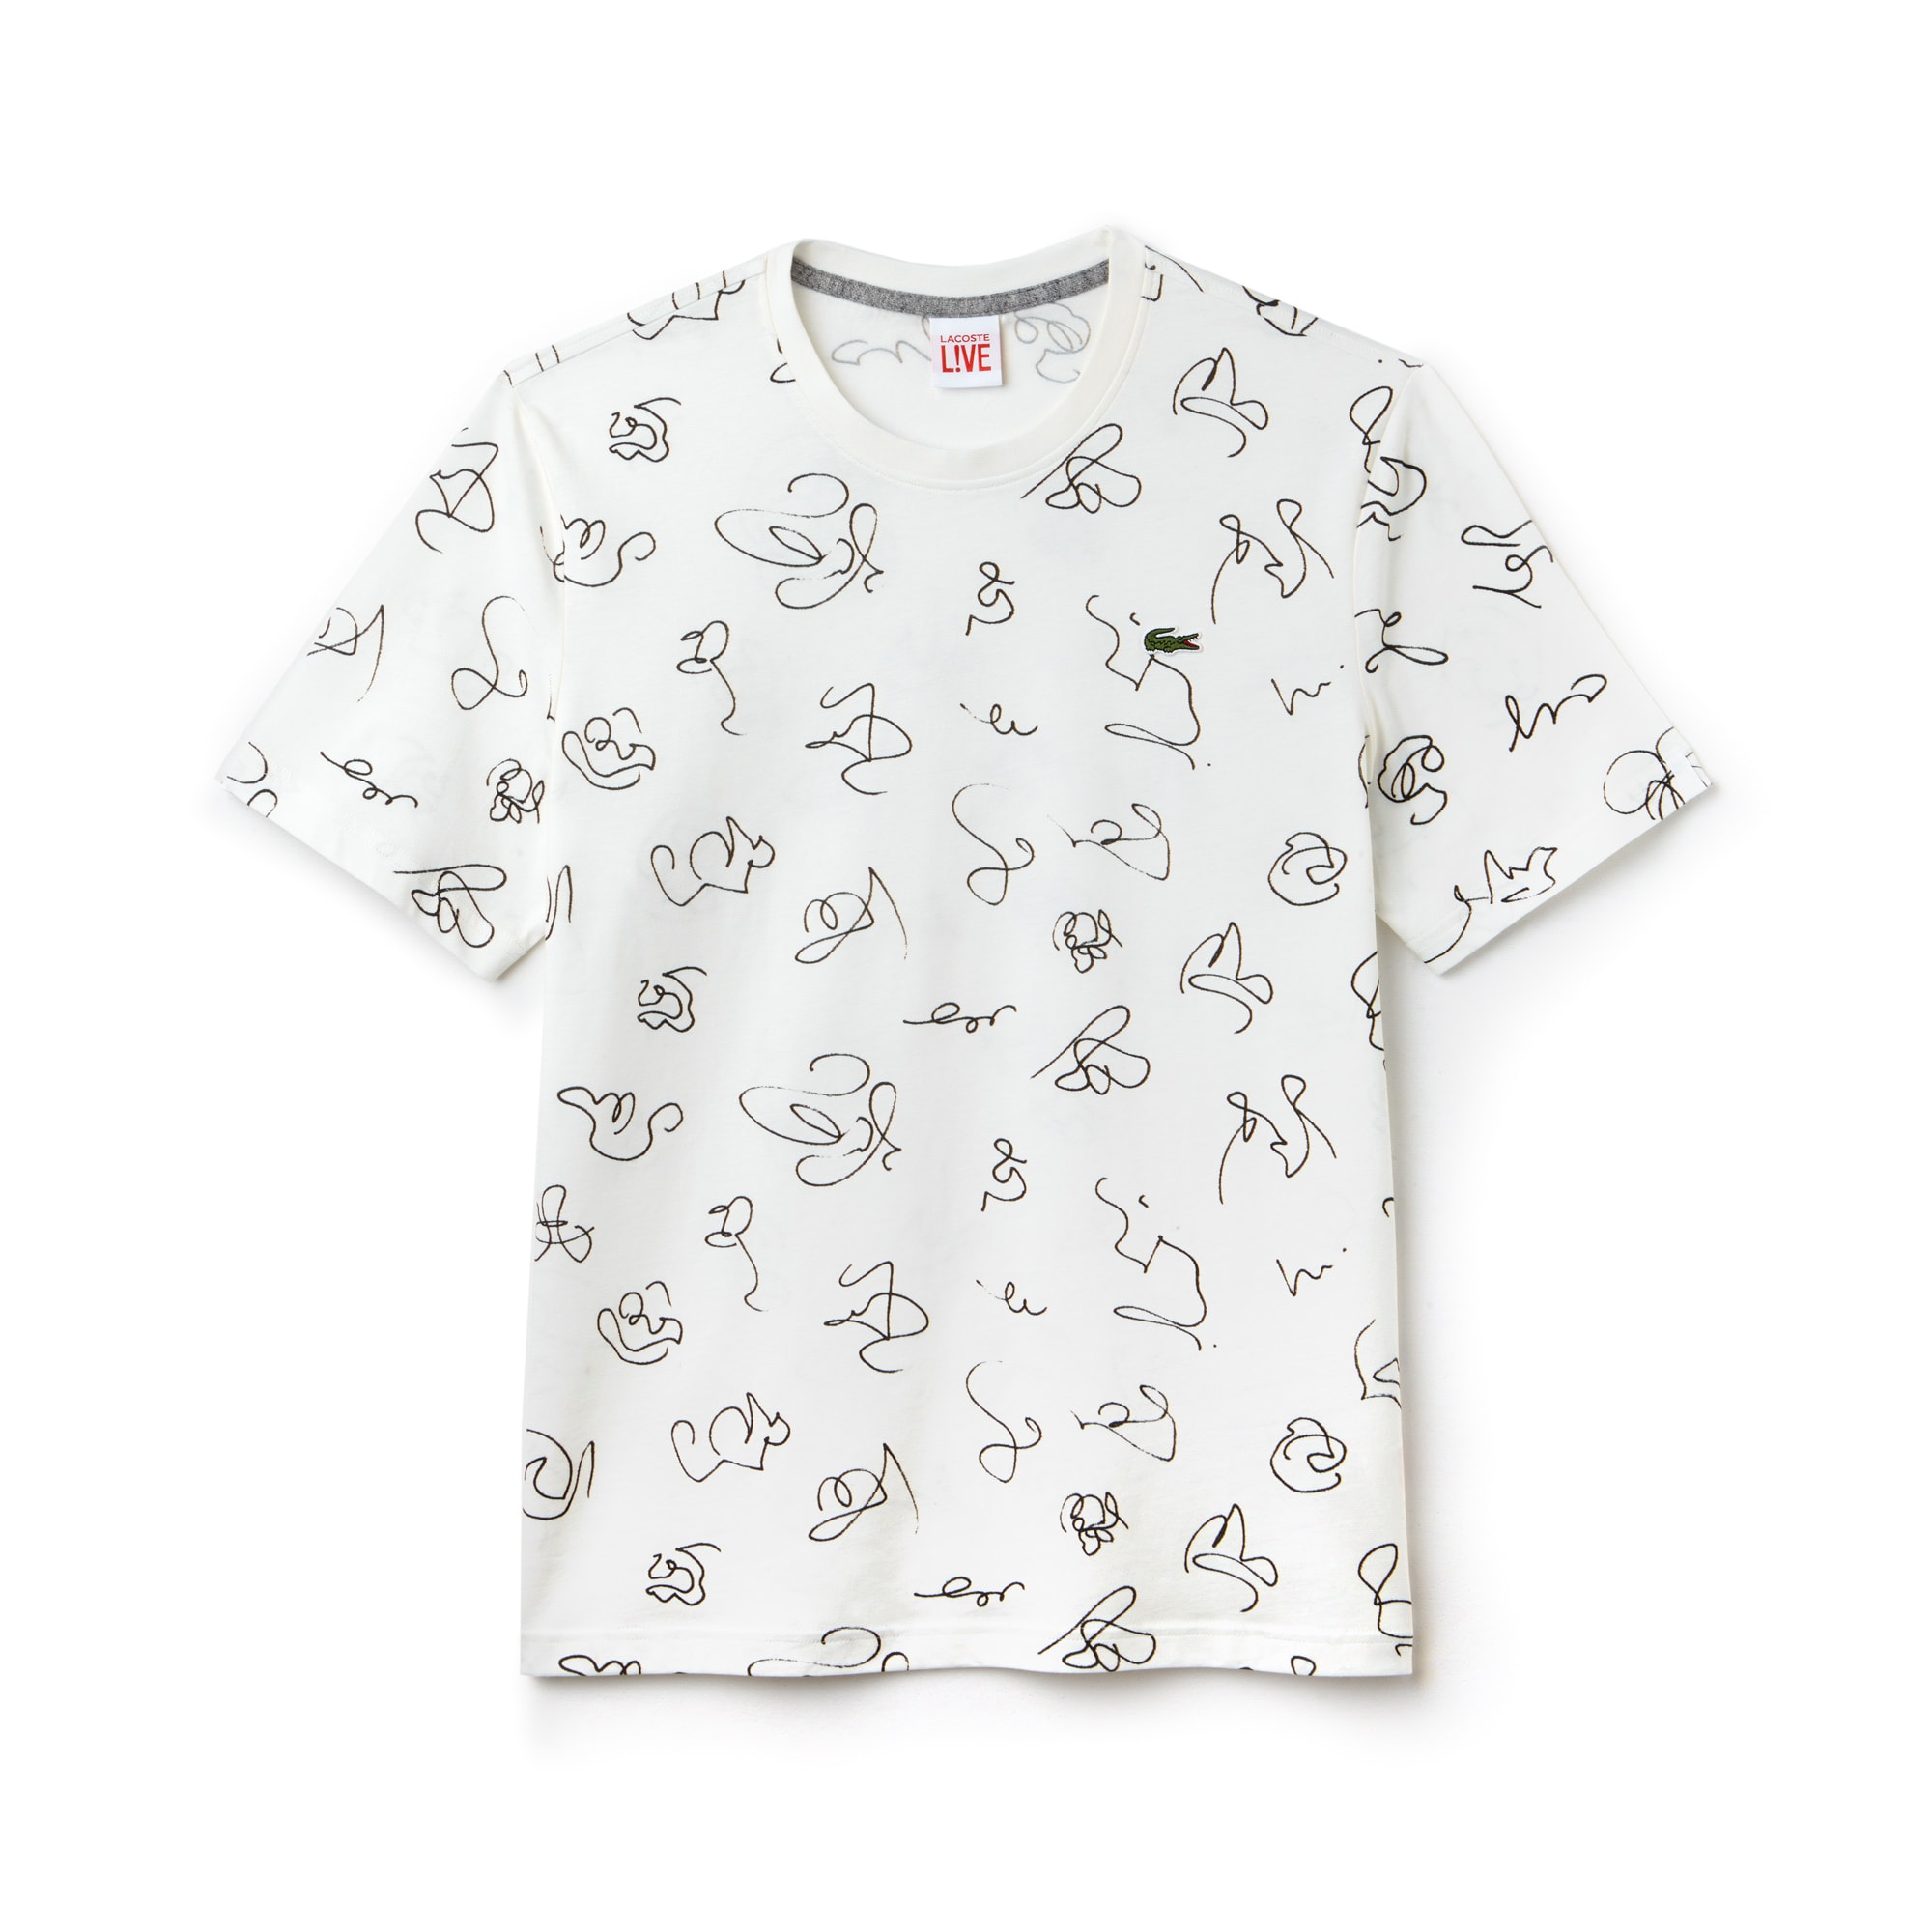 Camiseta de cuello redondo Lacoste LIVE de punto de algodón con dibujos estampados